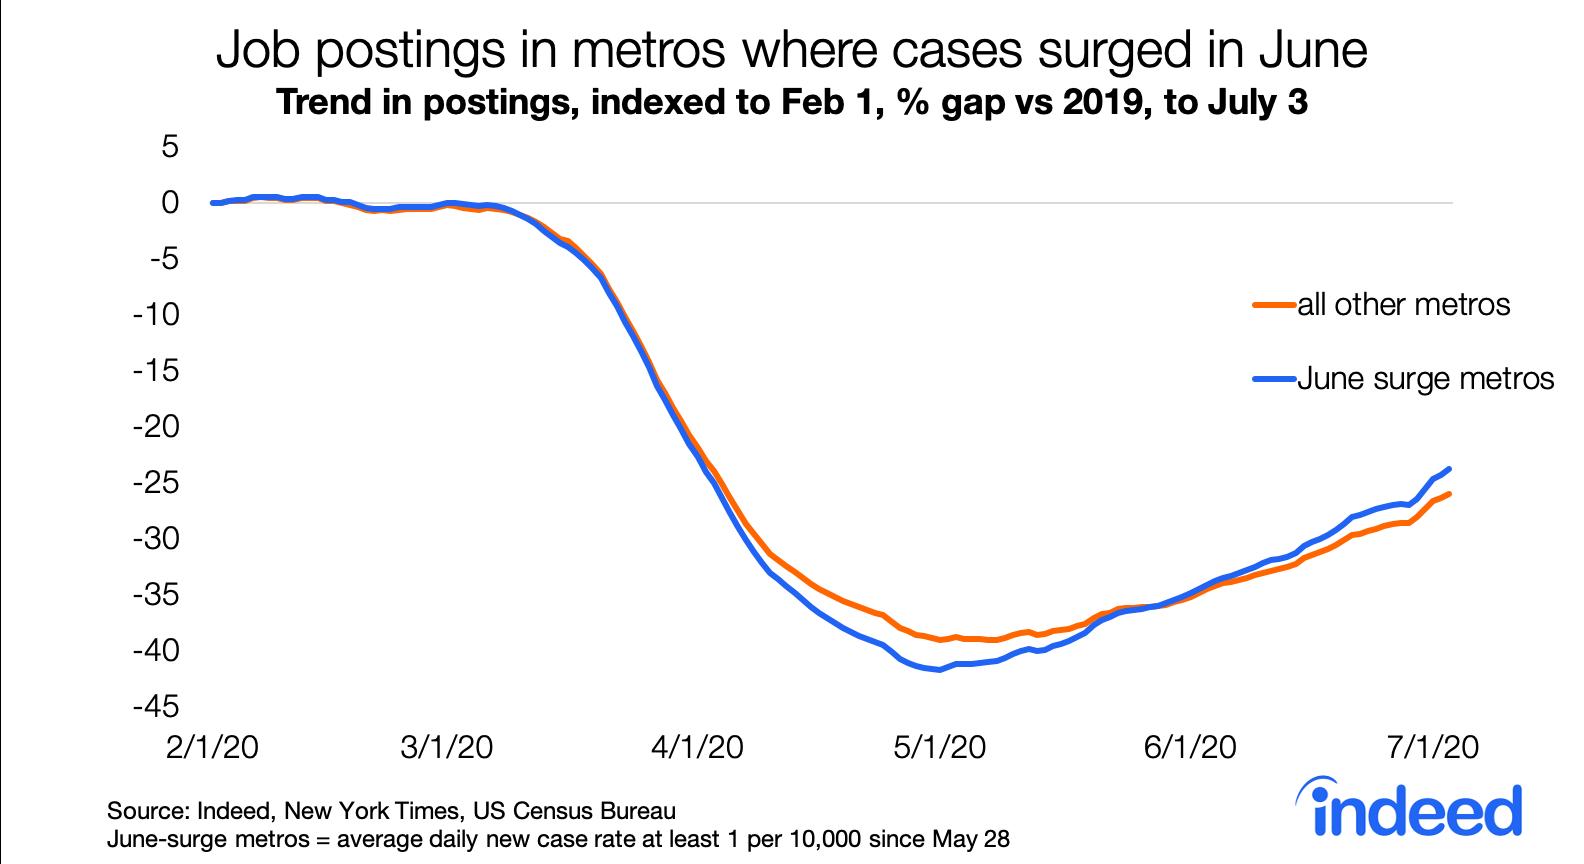 Job postings in metros where cases surged in June